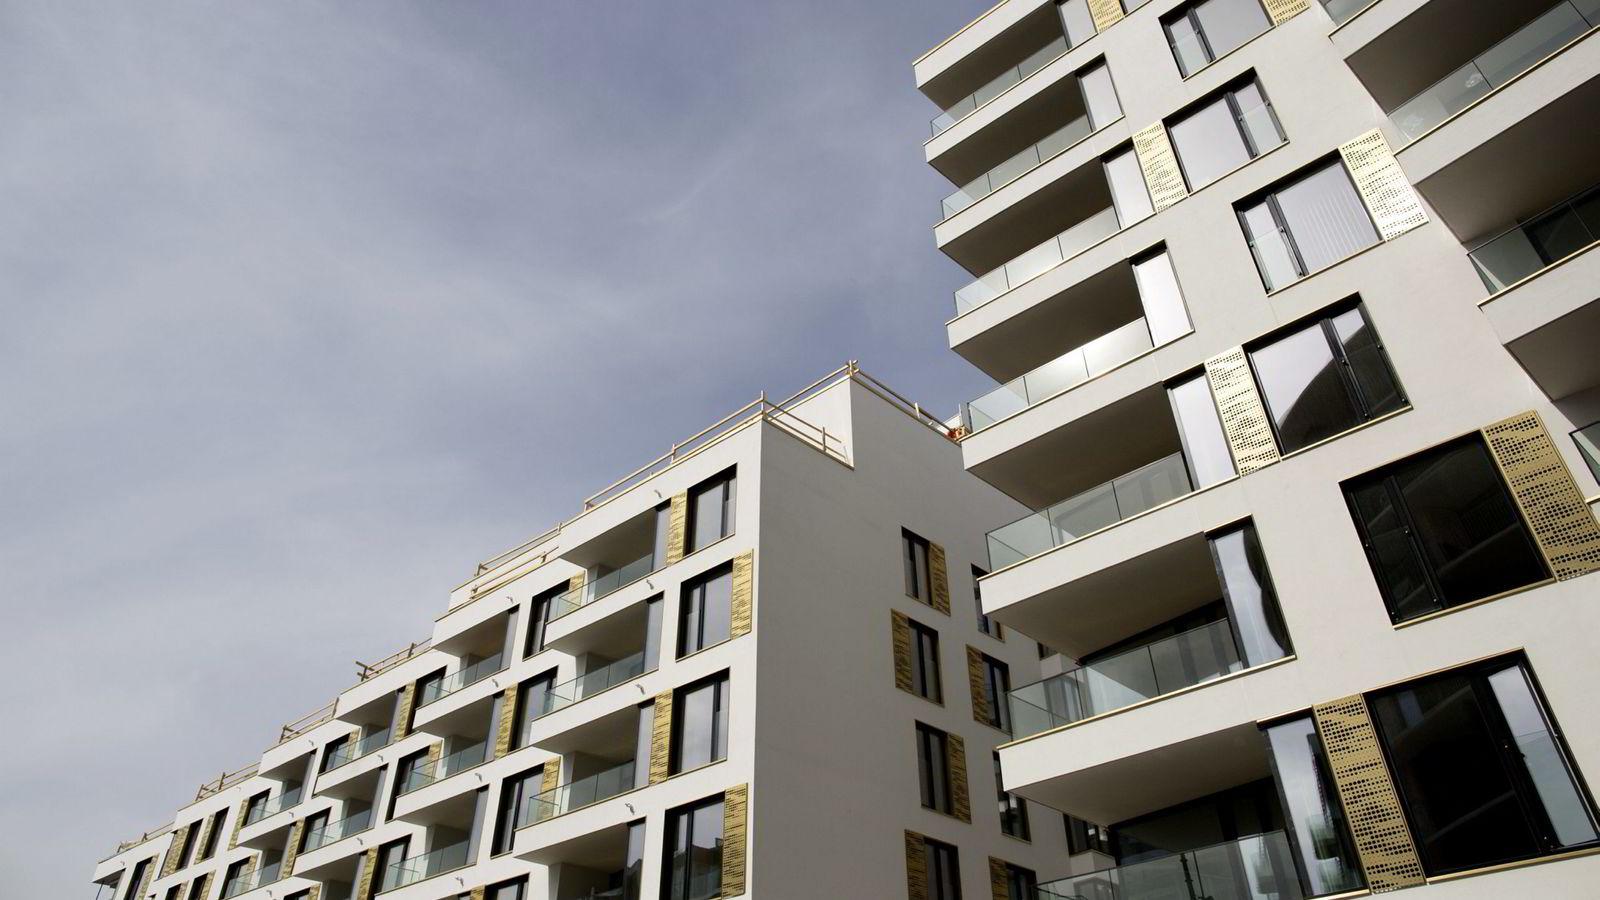 Hele 80 prosent av oss eier vår egen bolig. «Nordmenns favoritthobby er å bytte bolig med hverandre», har Venstres Sveinung Rotevatn treffende sagt det, sier forfatteren. Foto: Øyvind Elvsborg